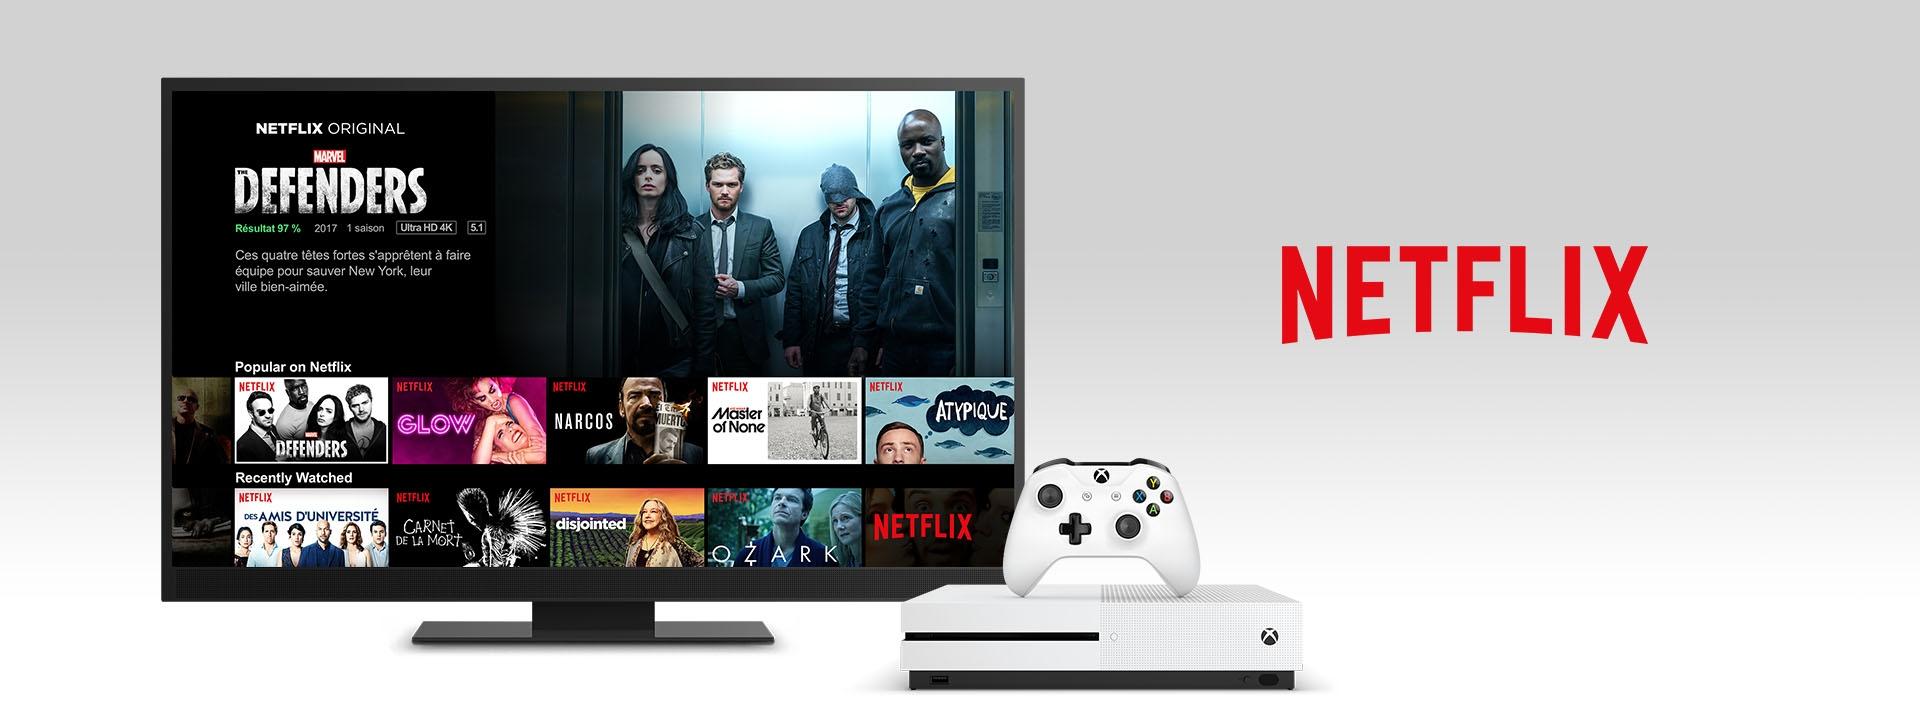 Netflix sur une Xbox One